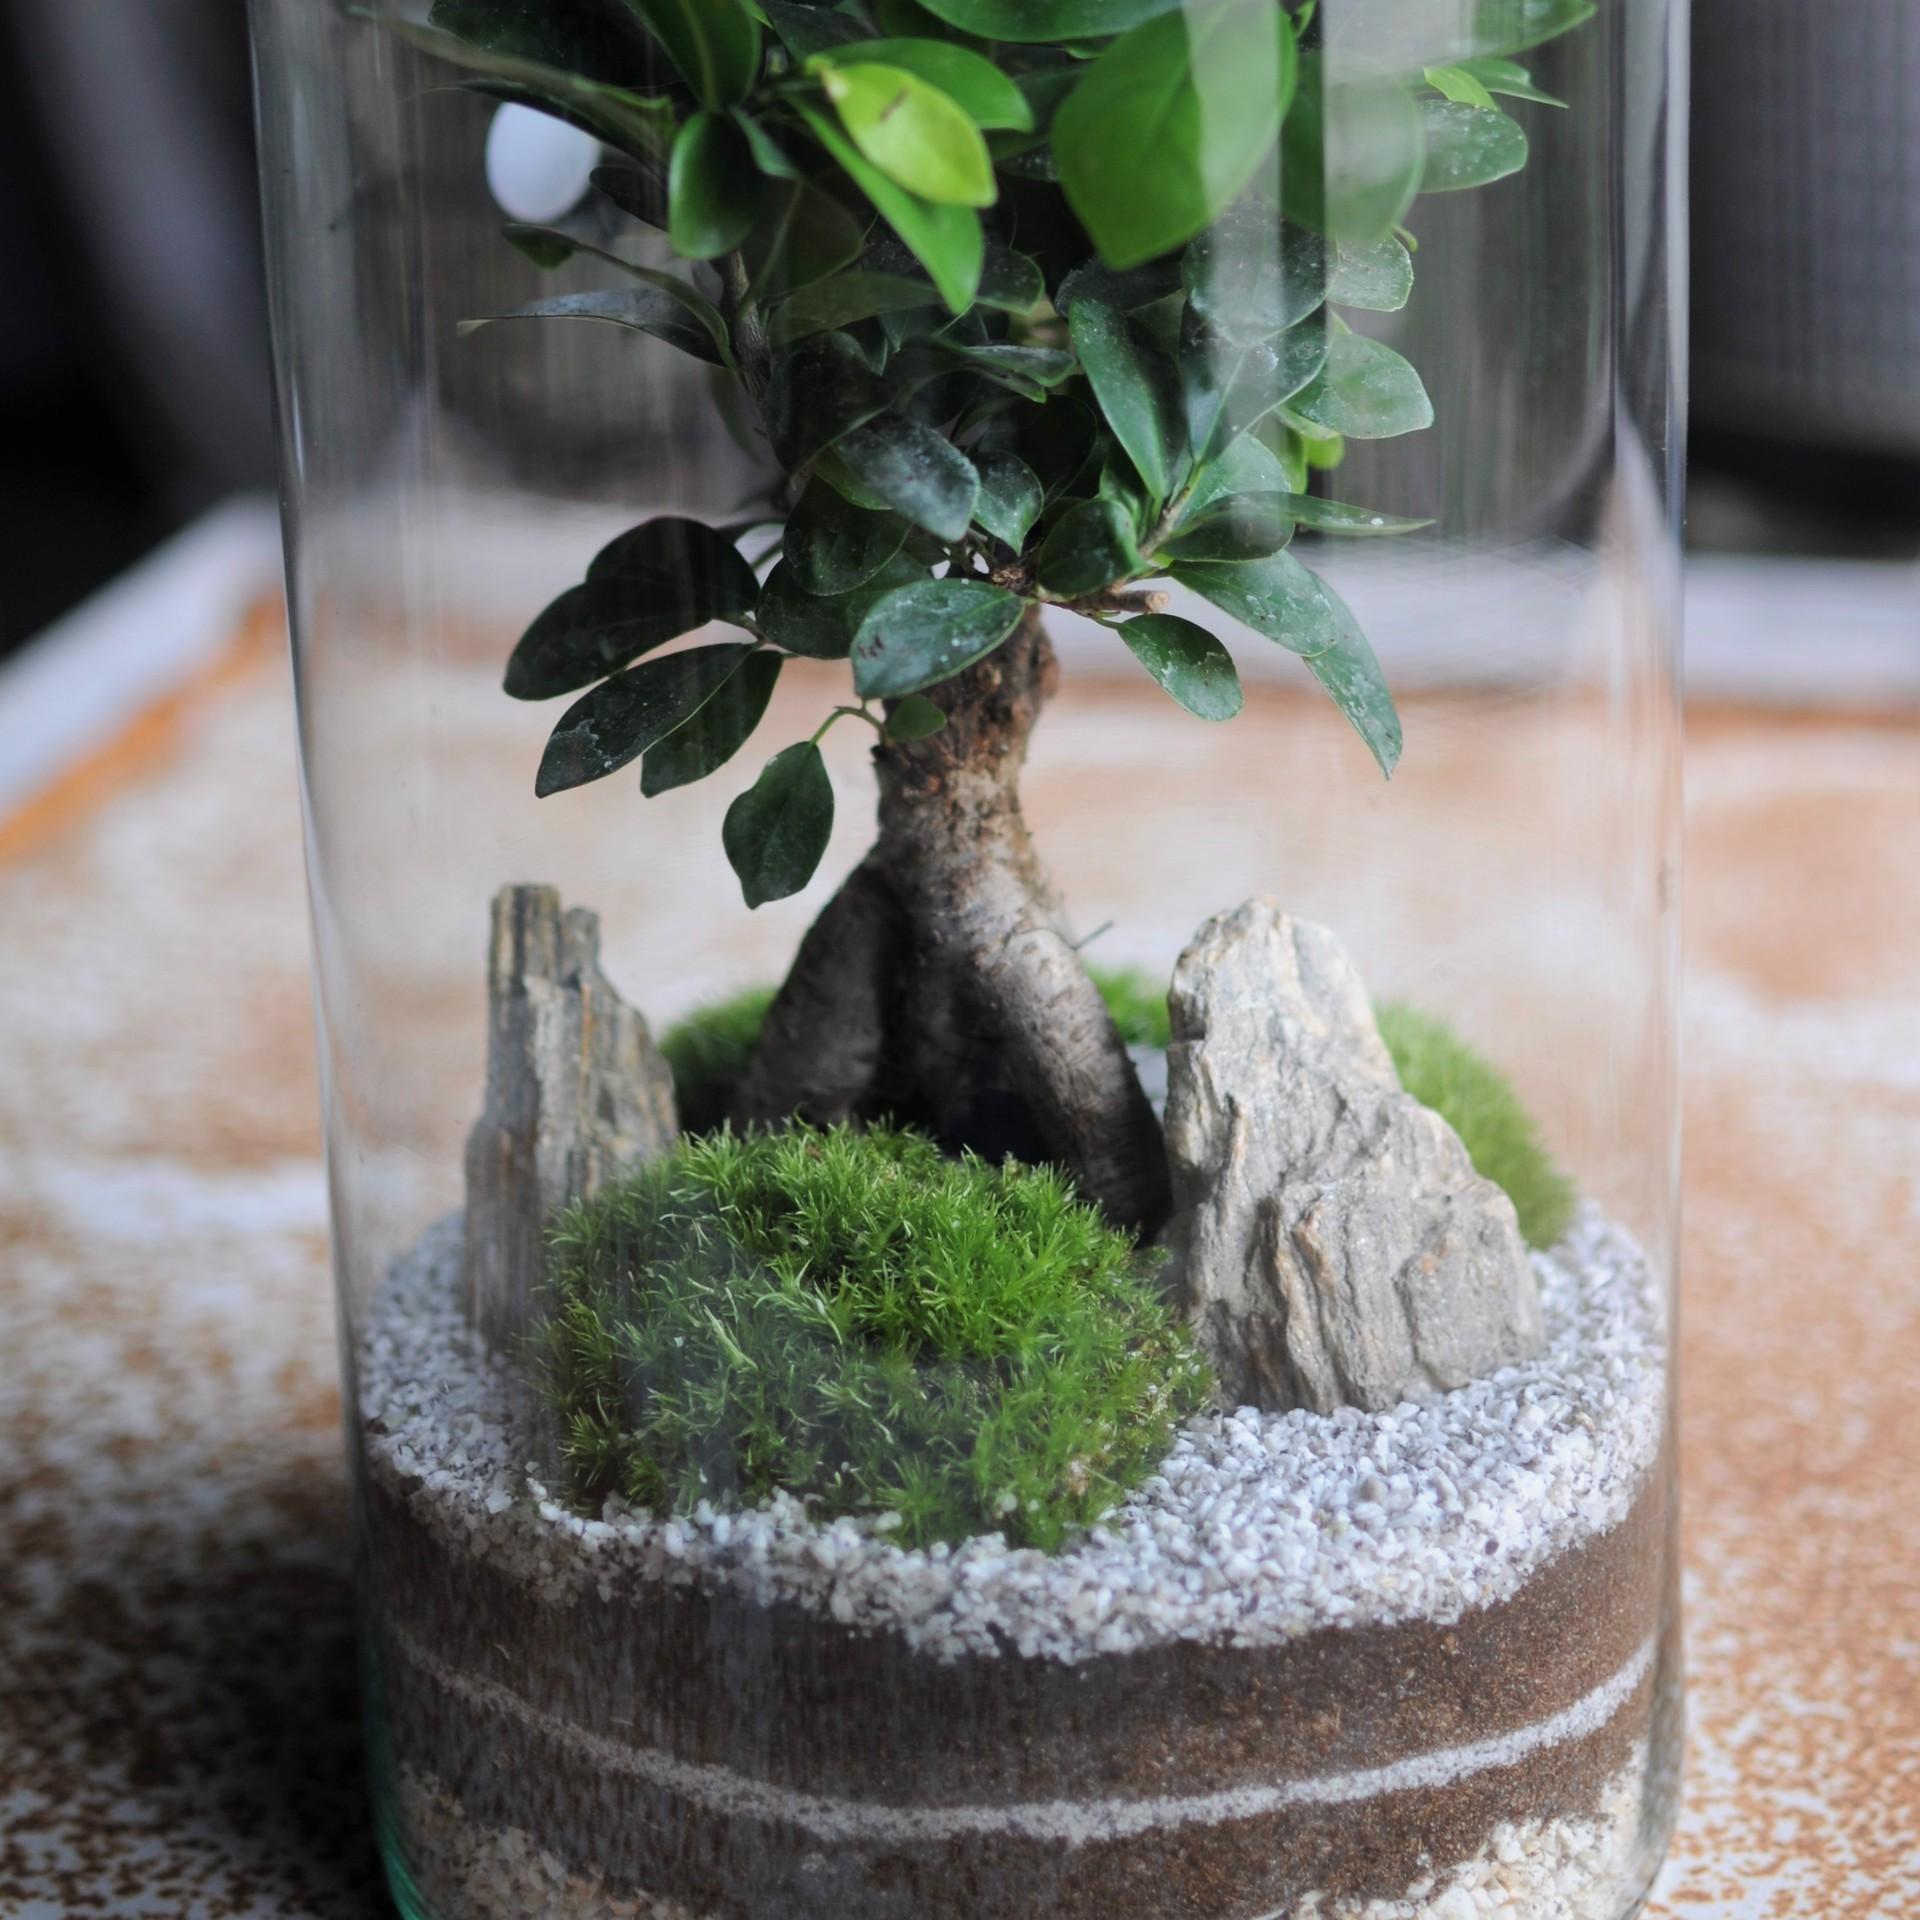 Zestaw Ogrod Japonski Z Drzewkiem Bonsai Las W Sloiku Sklep Rosliny Produkty Zestawy Akcesoria Porady